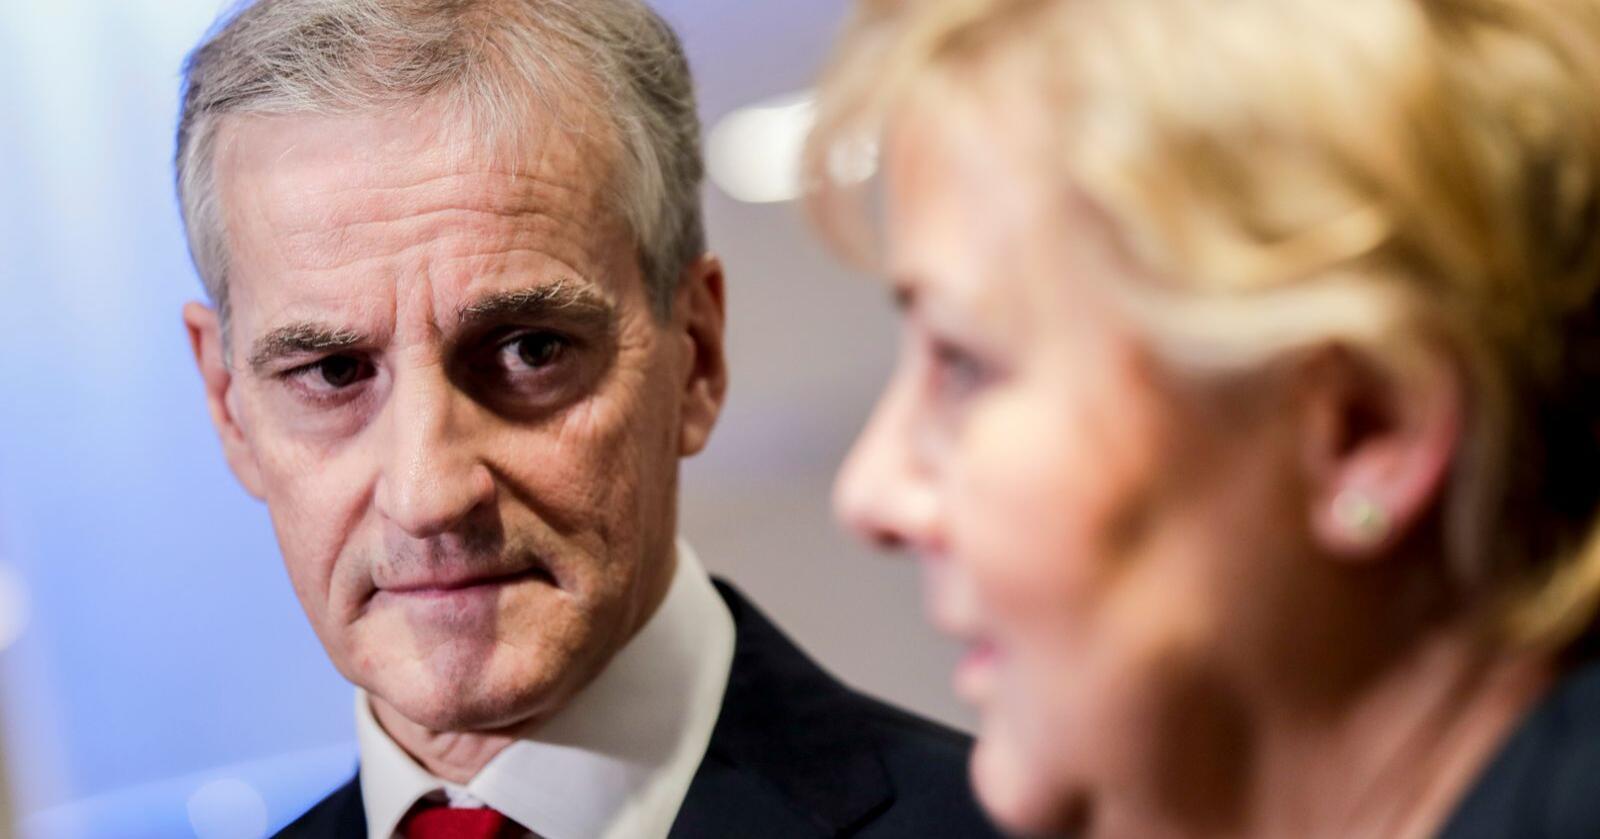 Arbeiderpartiets leder Jonas Gahr Støre er fornøyd med at Erna Solbergs (H) regjering dropper en stor omlegging av kraftskatten, men påpeker at problemet med investeringstørke ikke er løst. Foto: Vidar Ruud / NTB scanpix